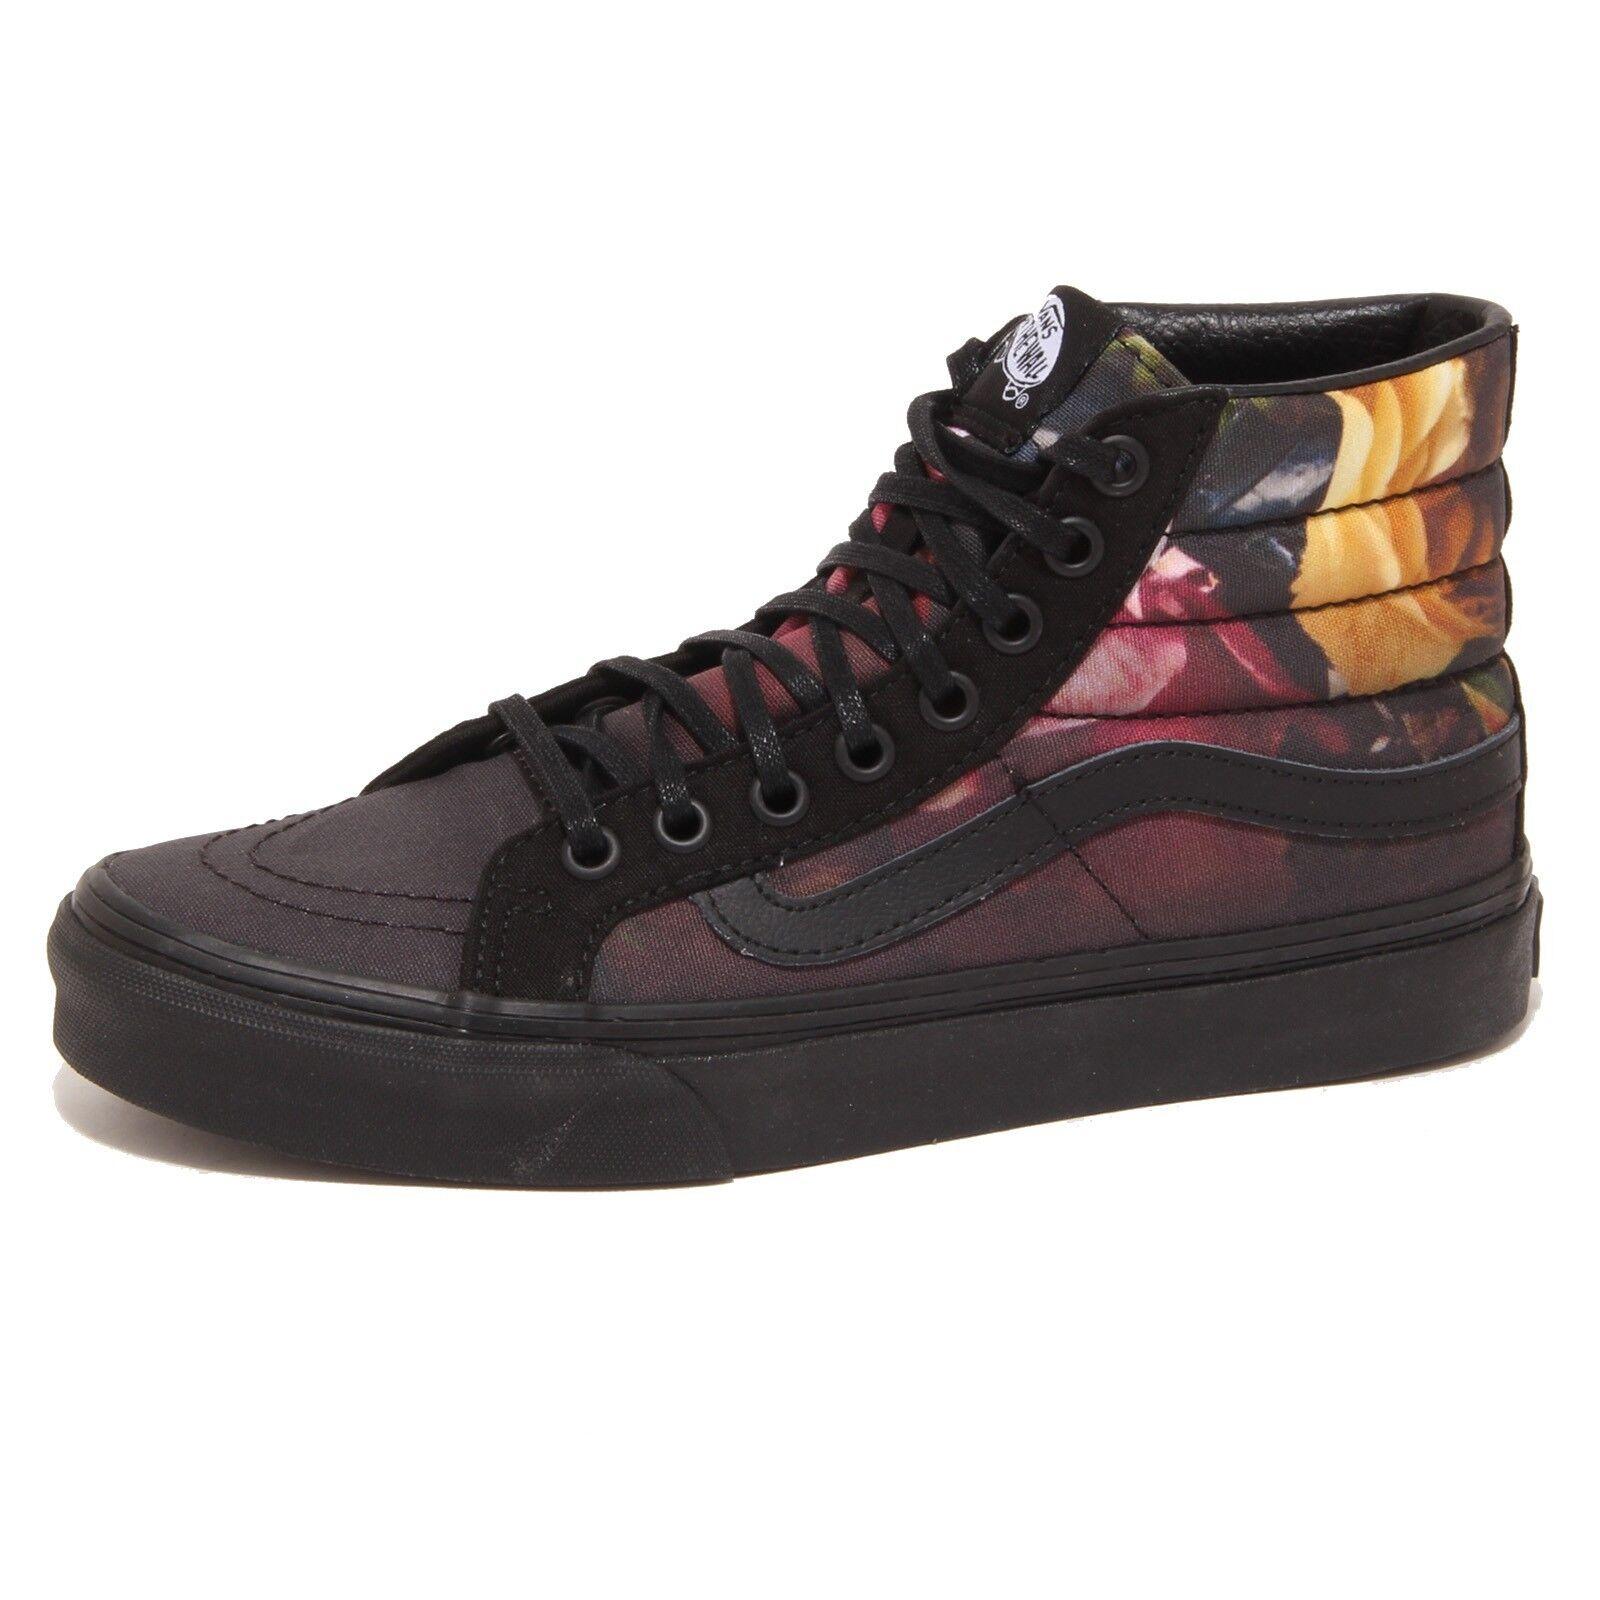 7952P sneaker donna VANS SK8-HI SLIM nero/floral shoe Donna